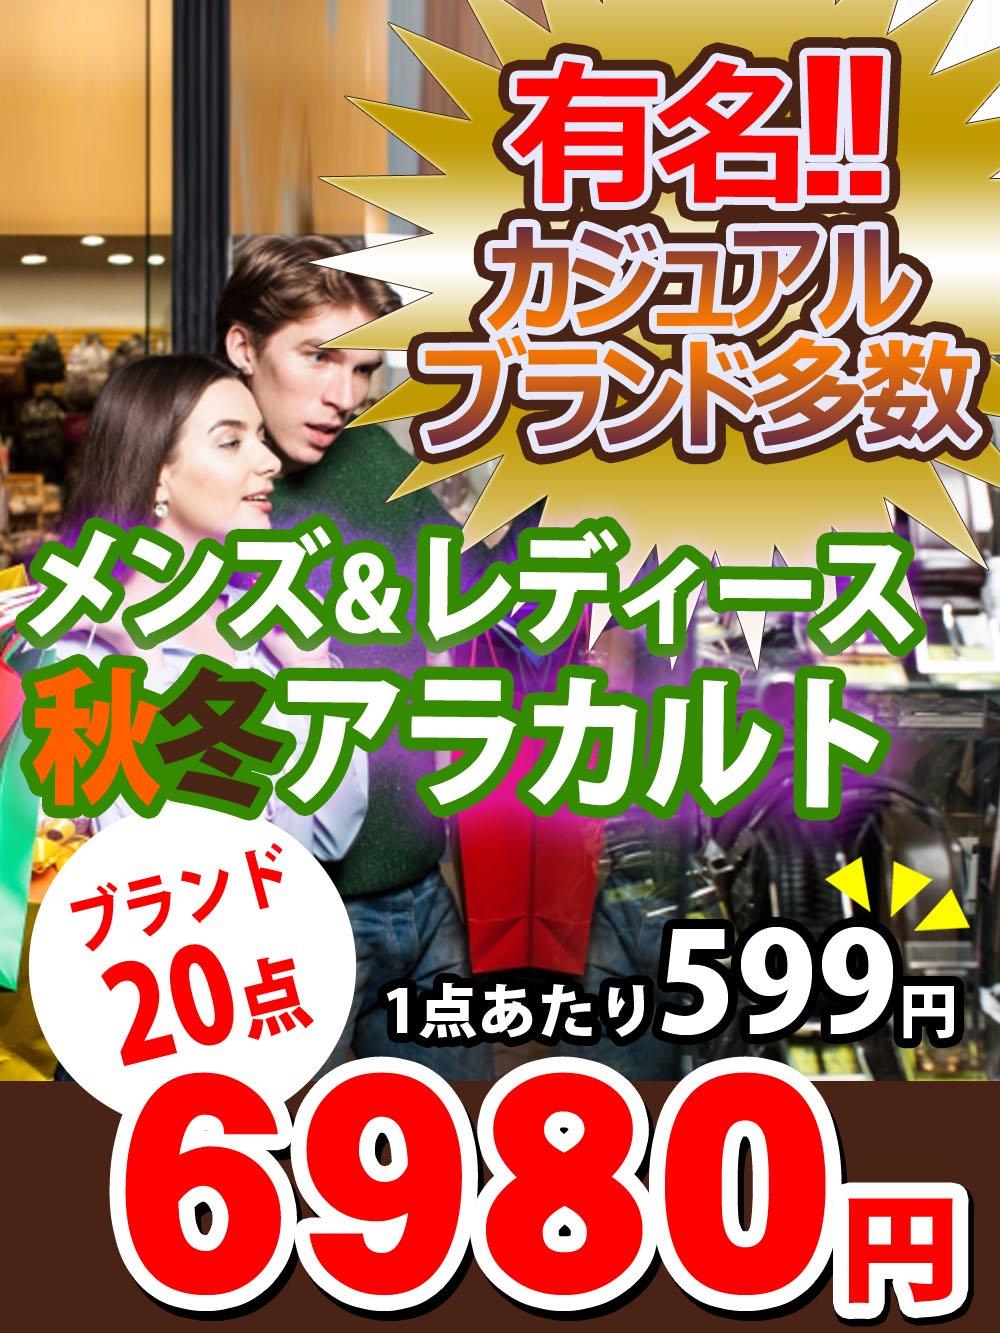 【有名カジュアルブランド多数】メンズレディース込み秋冬アラカルト@599【20点】